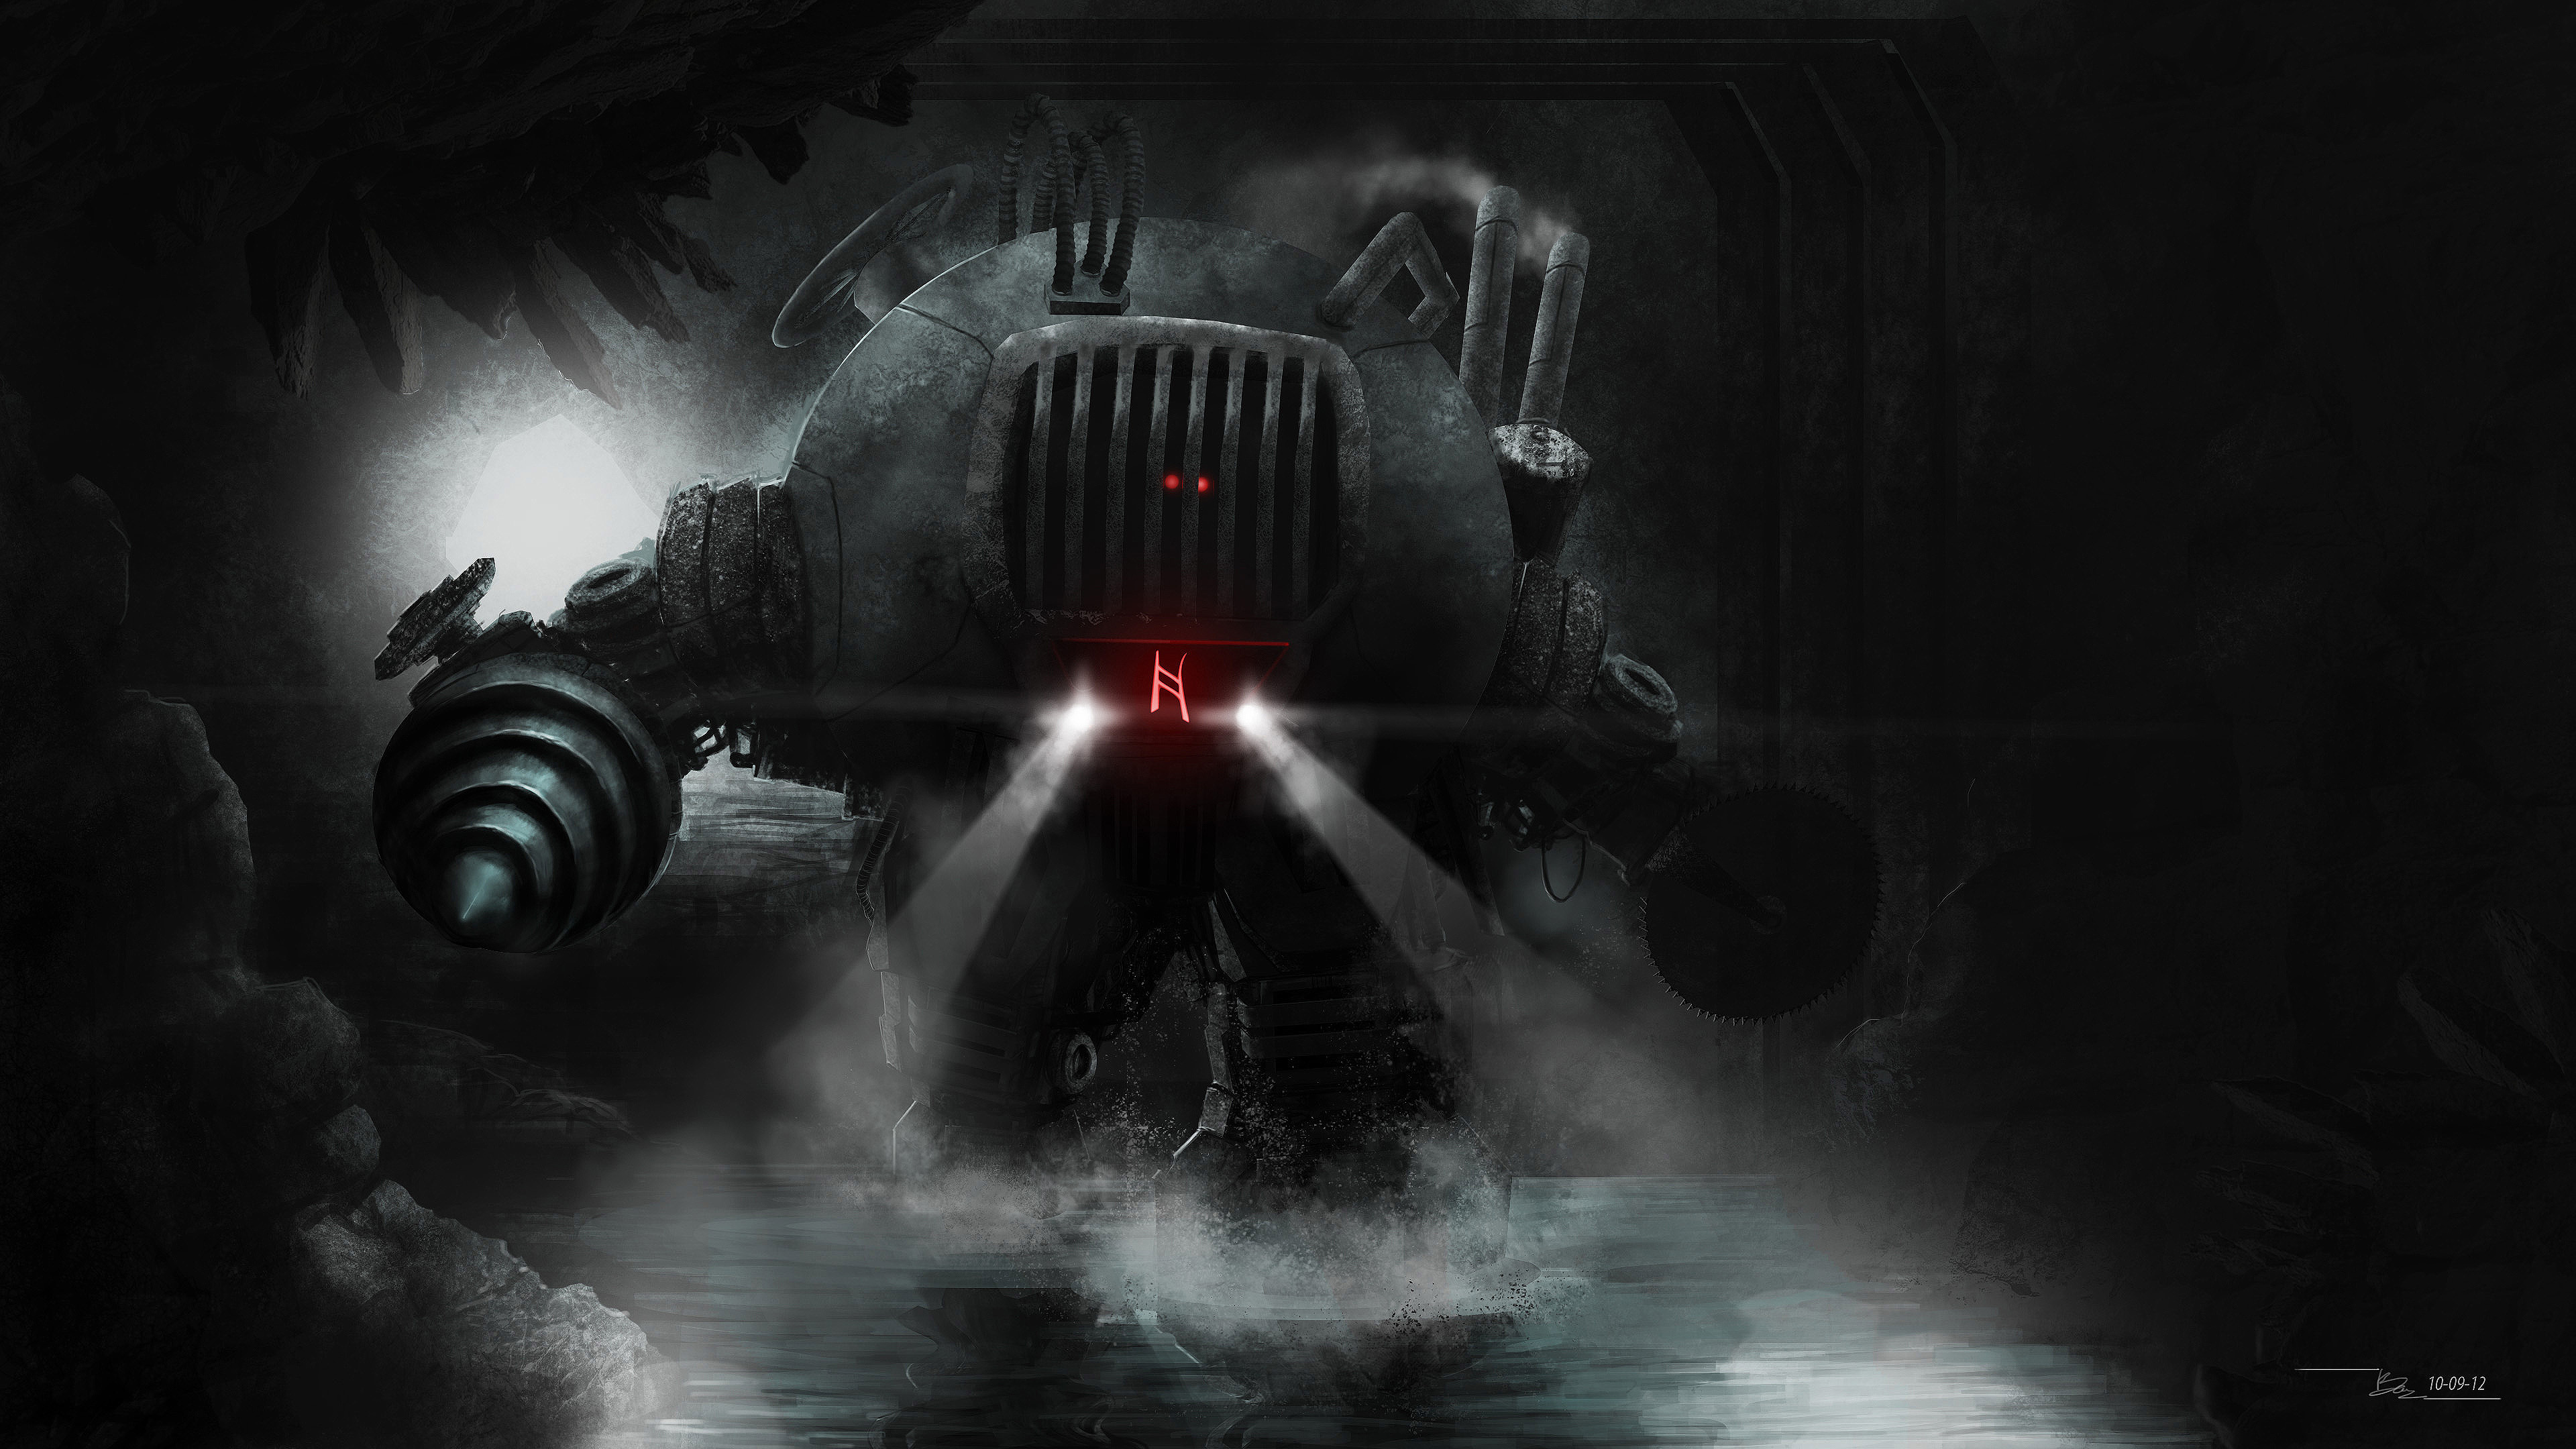 http://meewtoo.deviantart.com/art/Arcane-Bot-326401258 4k ...